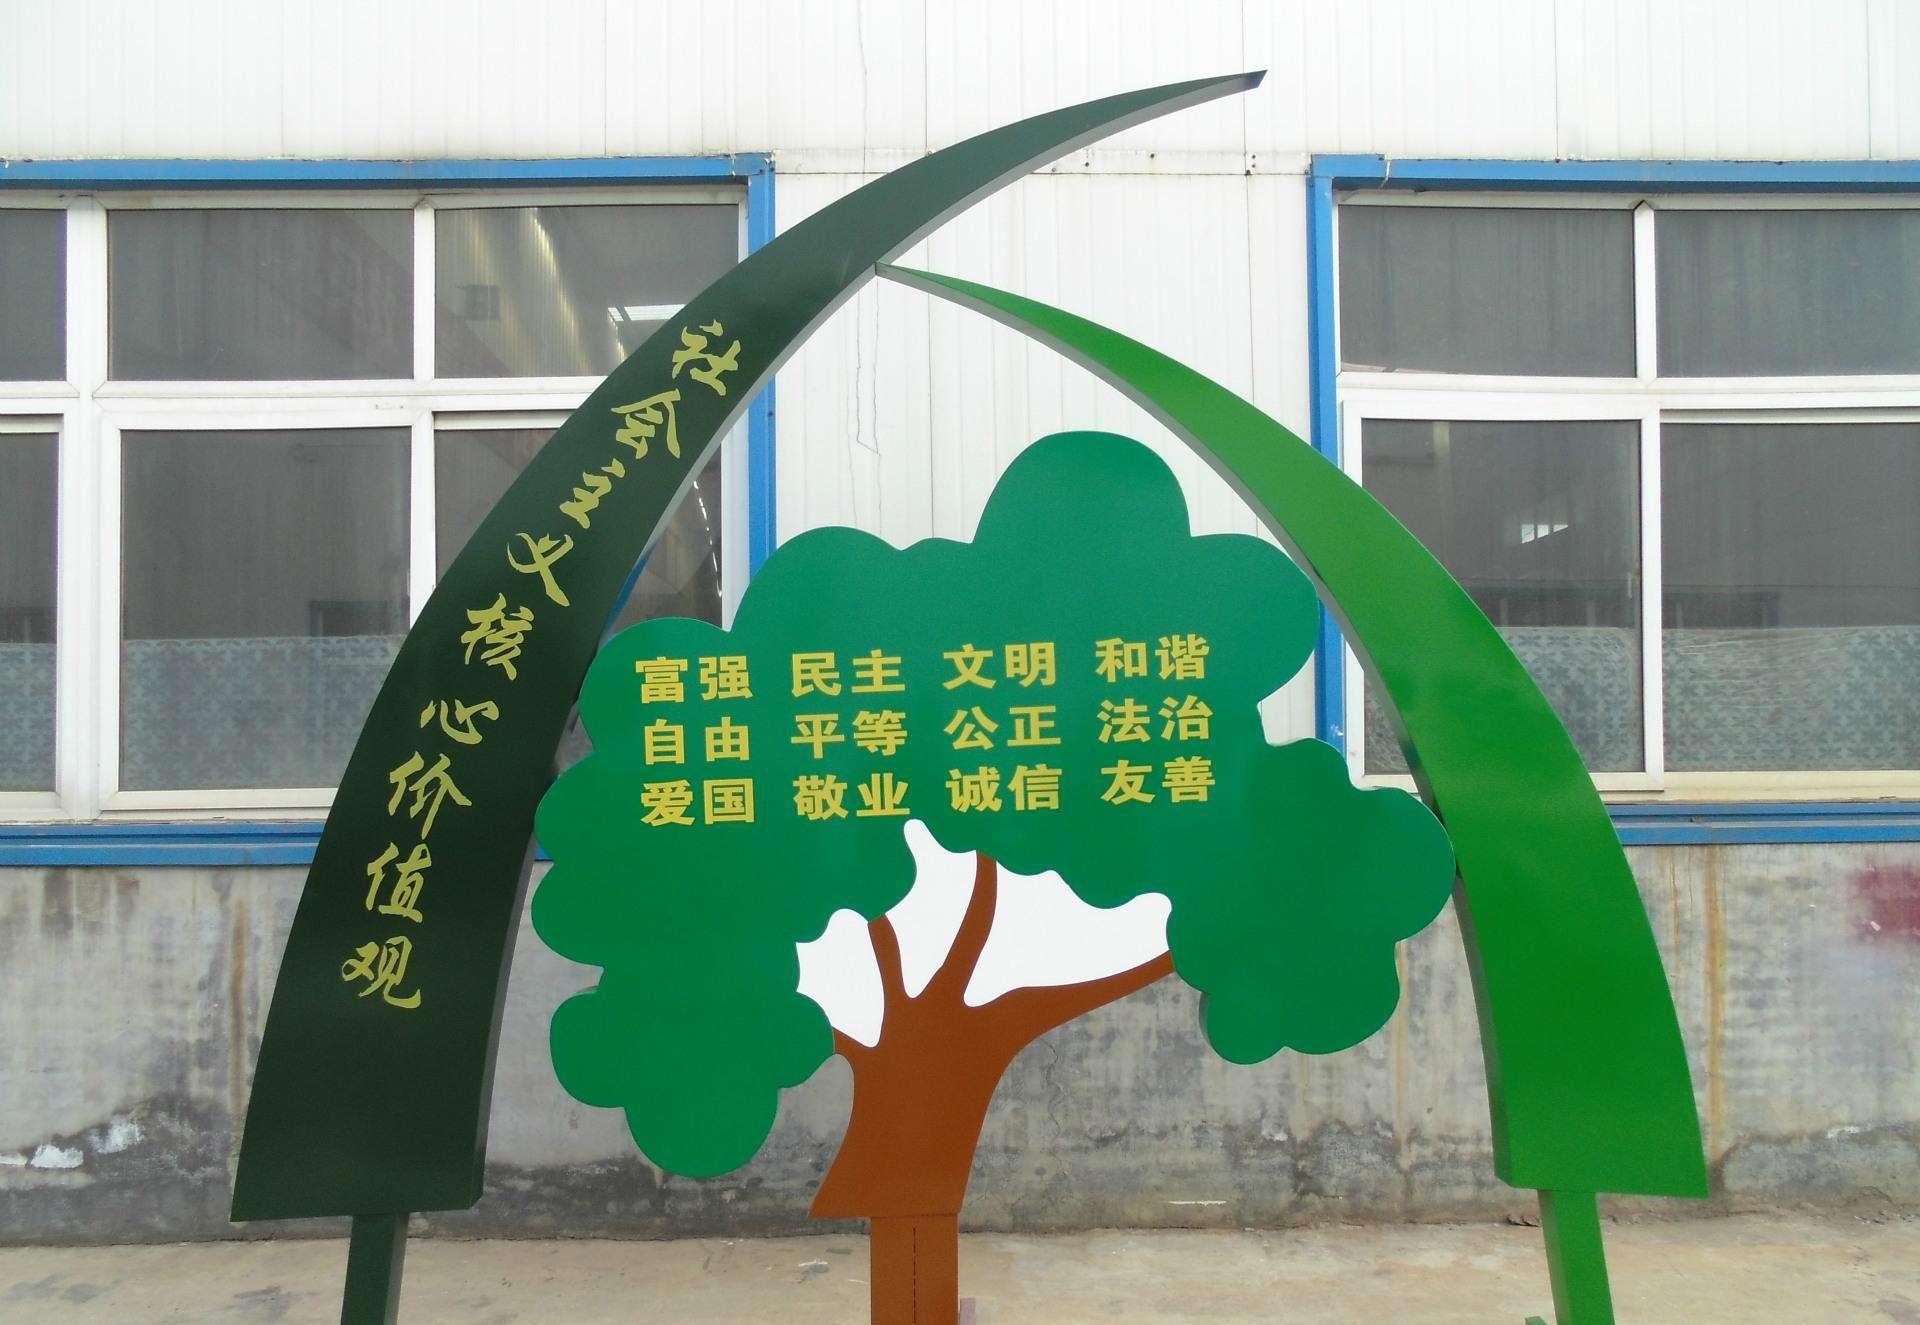 杨浦价值观标牌生产厂家厂家网址